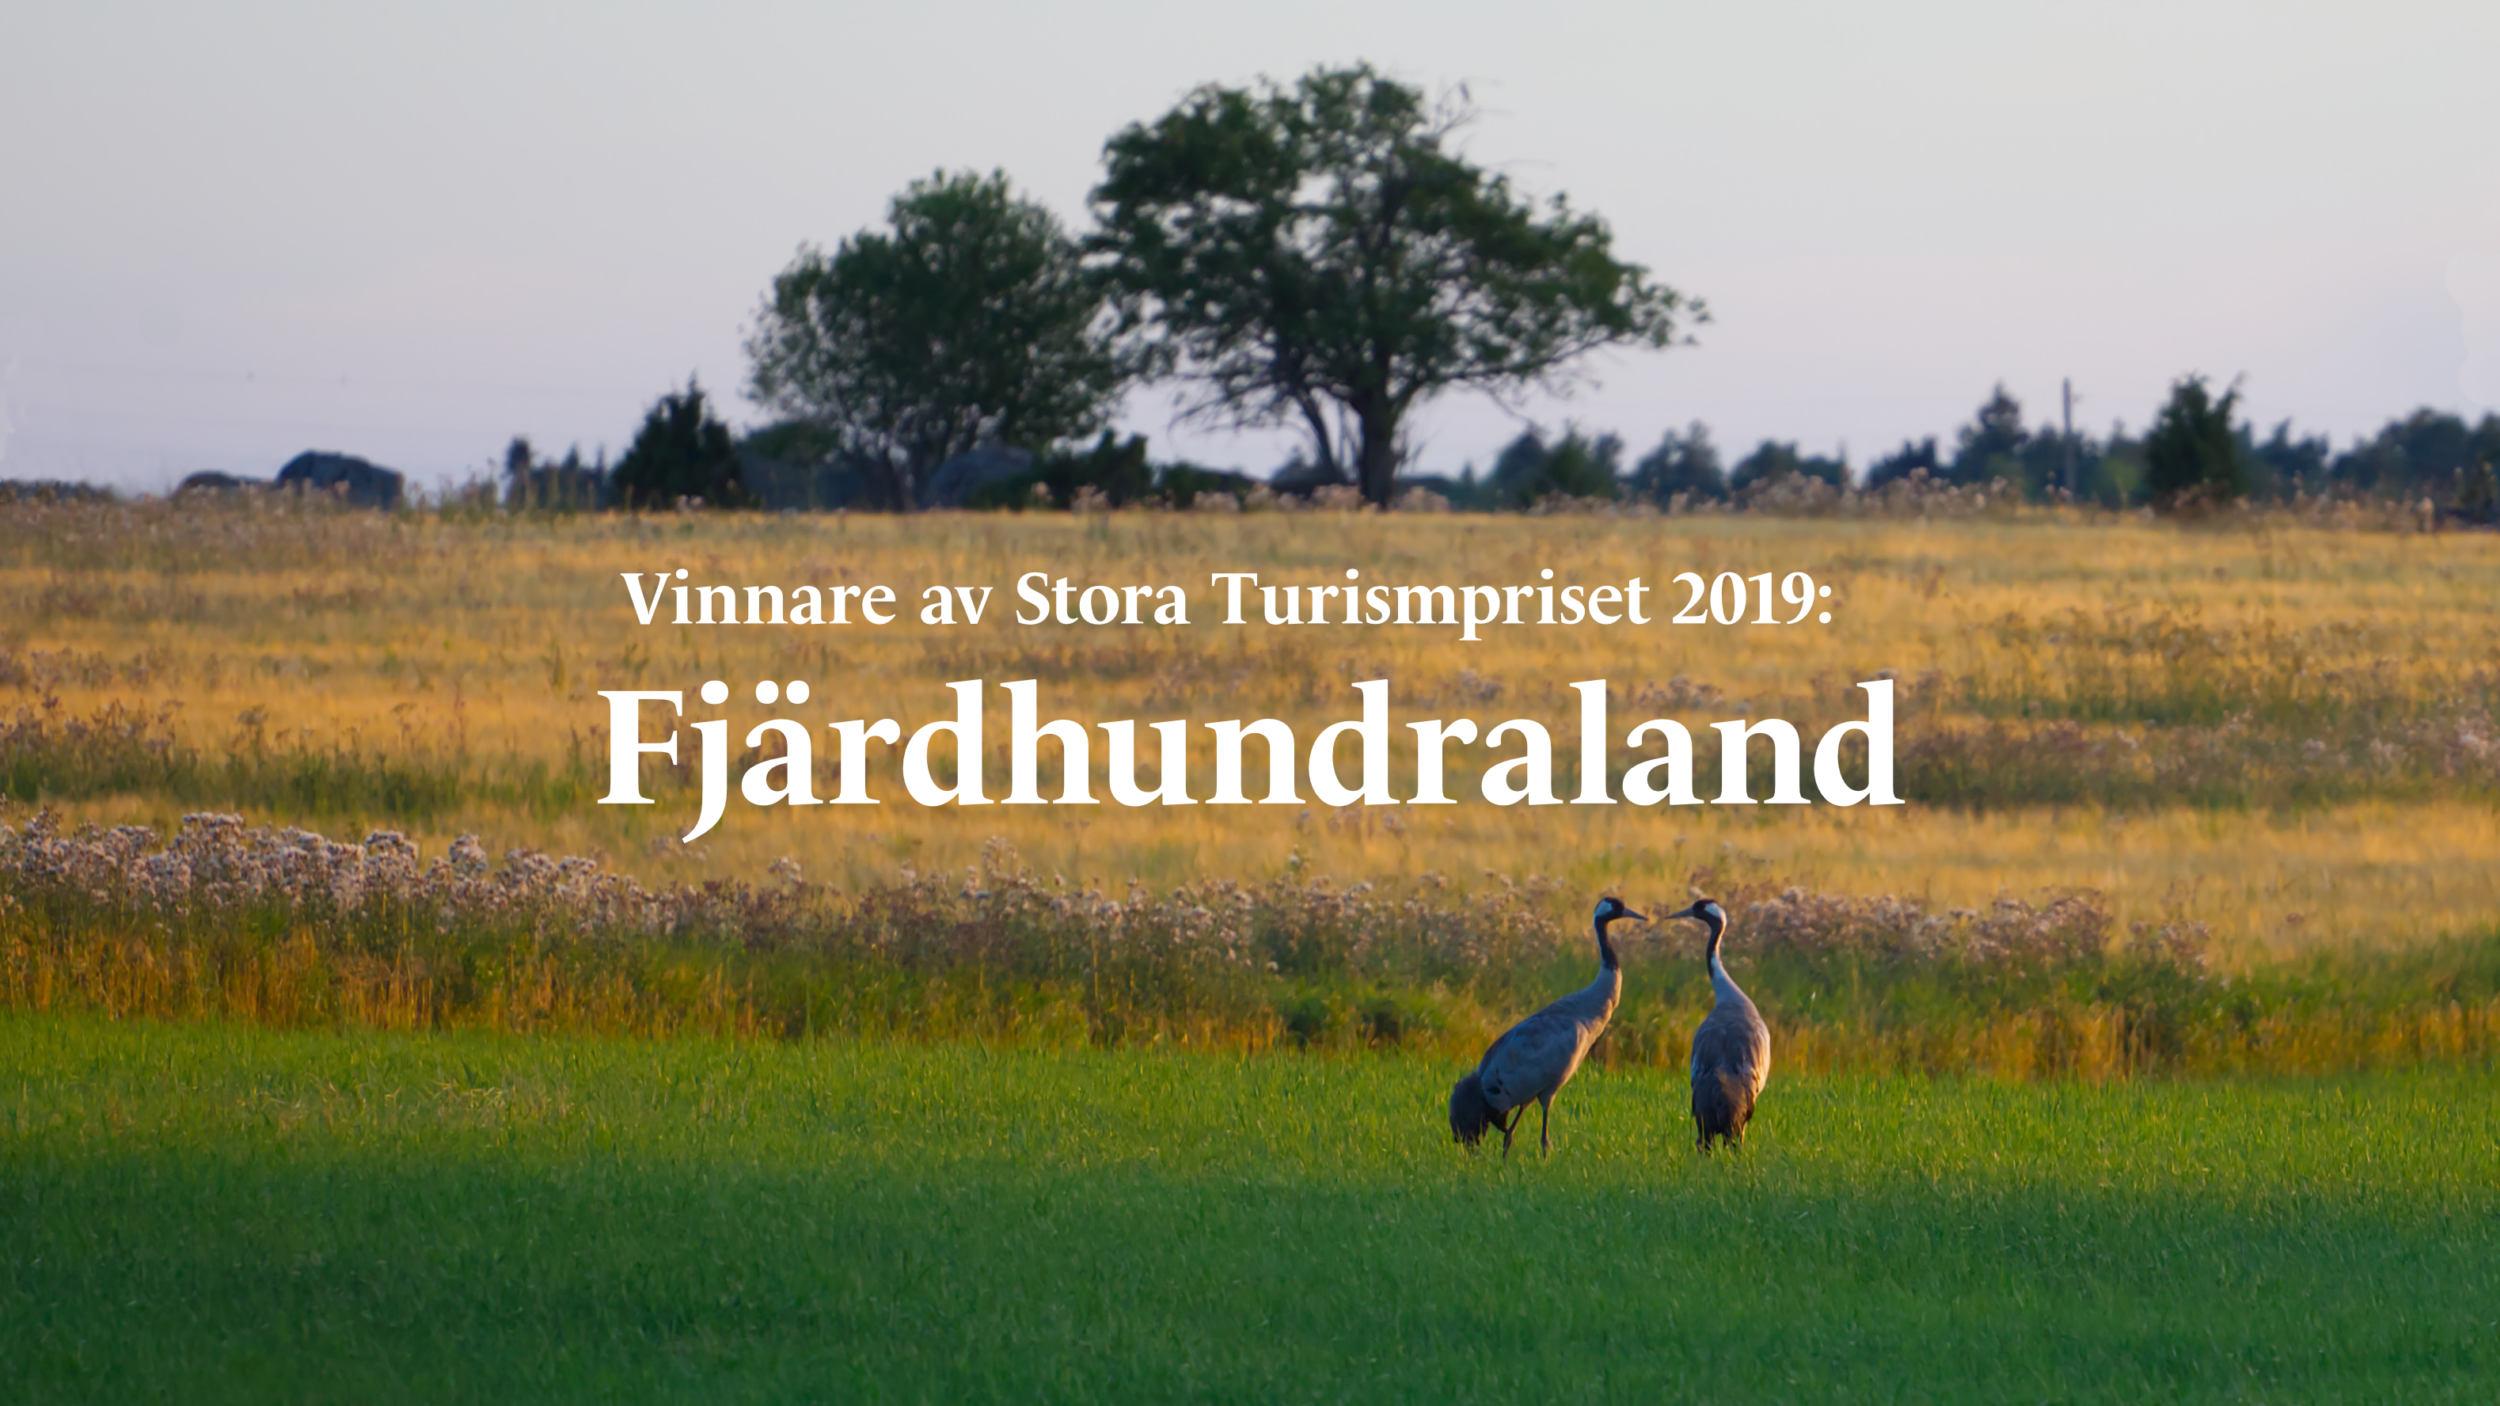 Fjärdhundraland